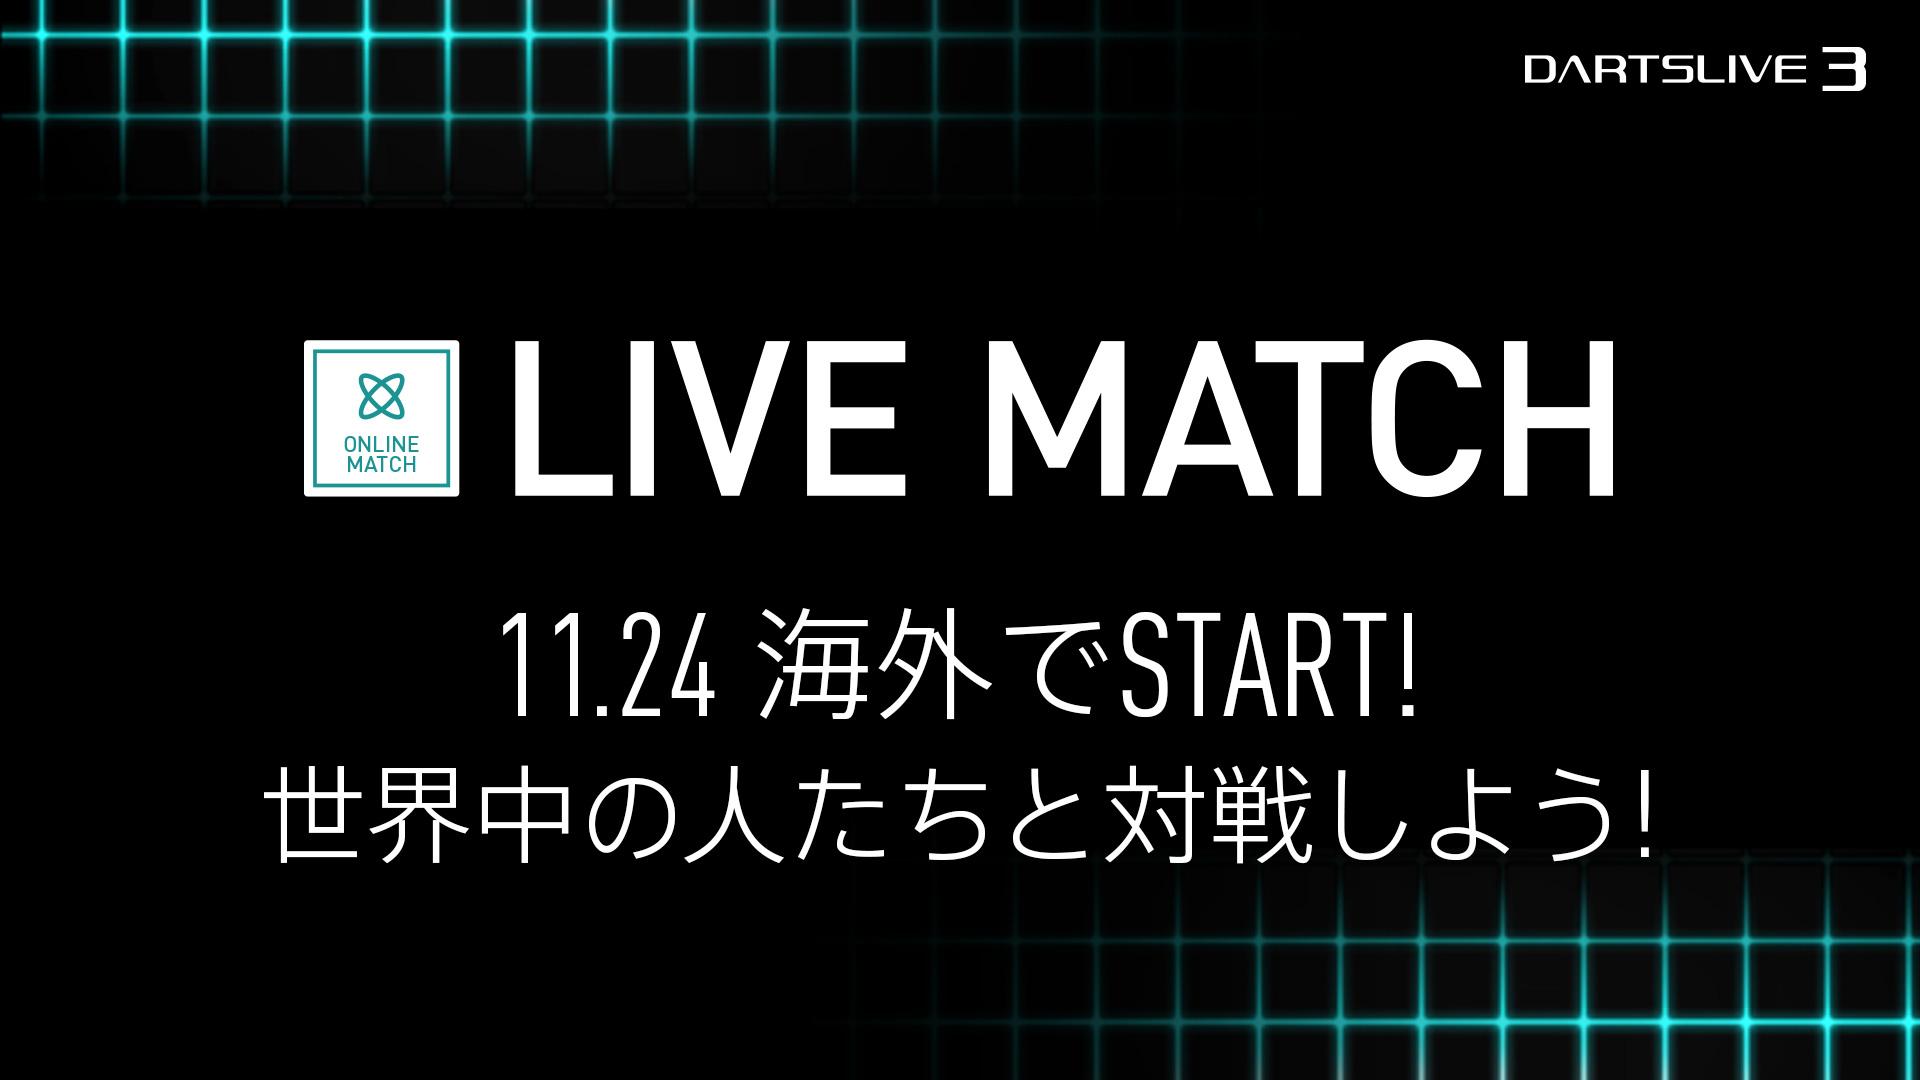 11月24日(火)ダーツライブ3「ライブマッチ」で海外と対戦可能に!